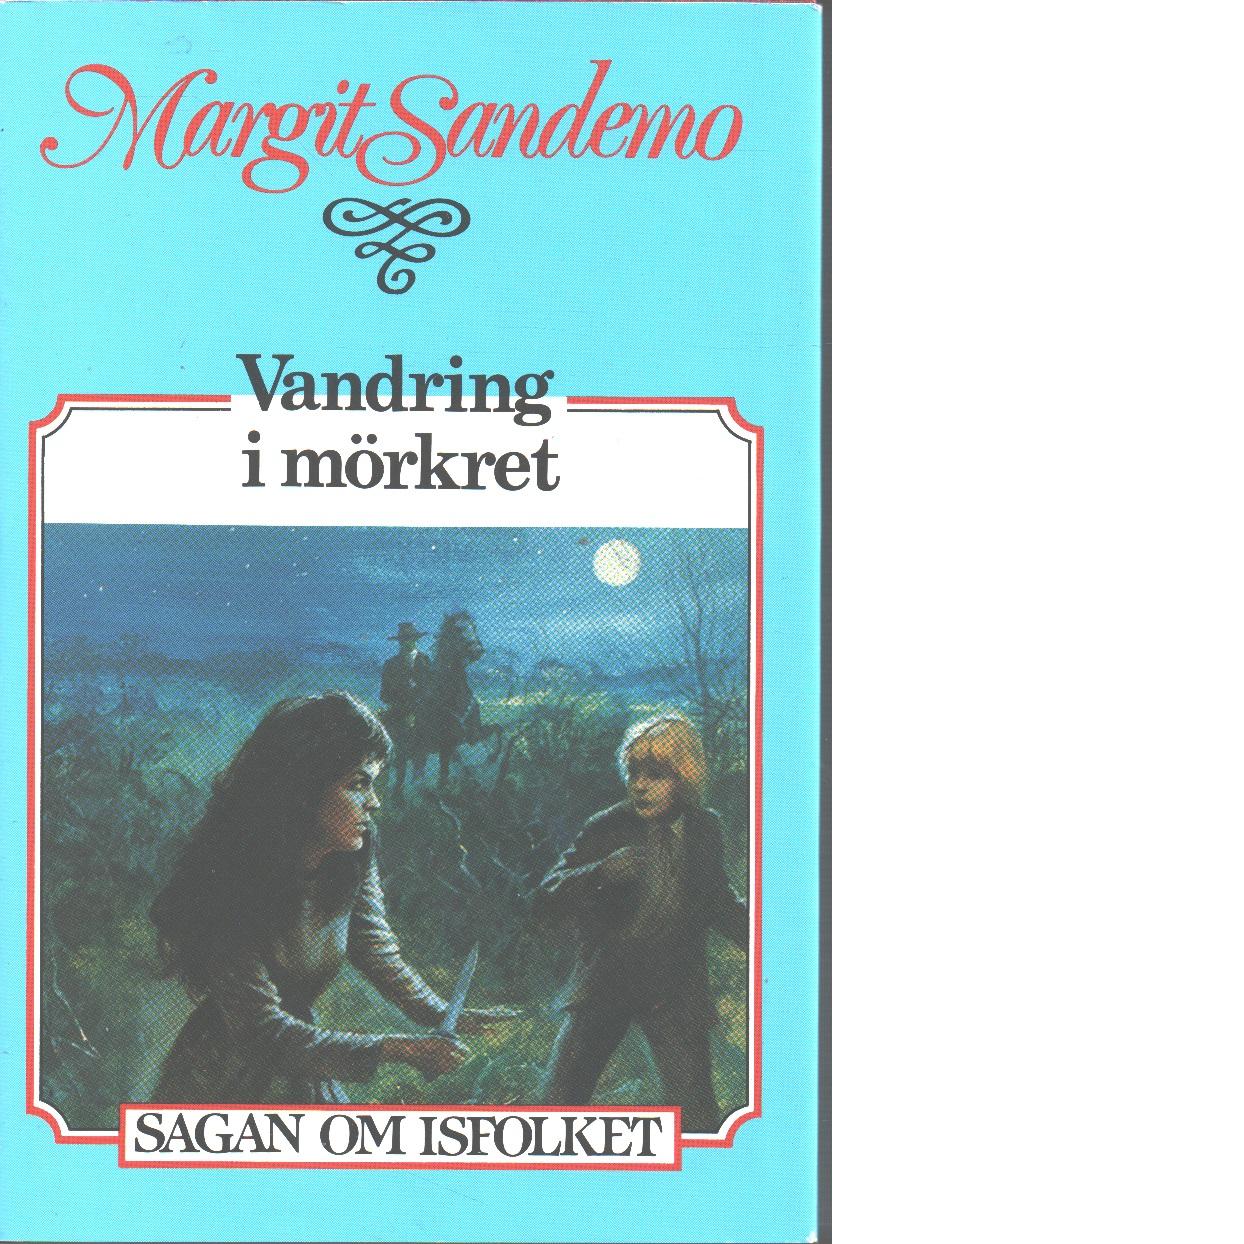 Vandring i mörkret : Sagan om Isfolket nr. 35 - Sandemo, Margit